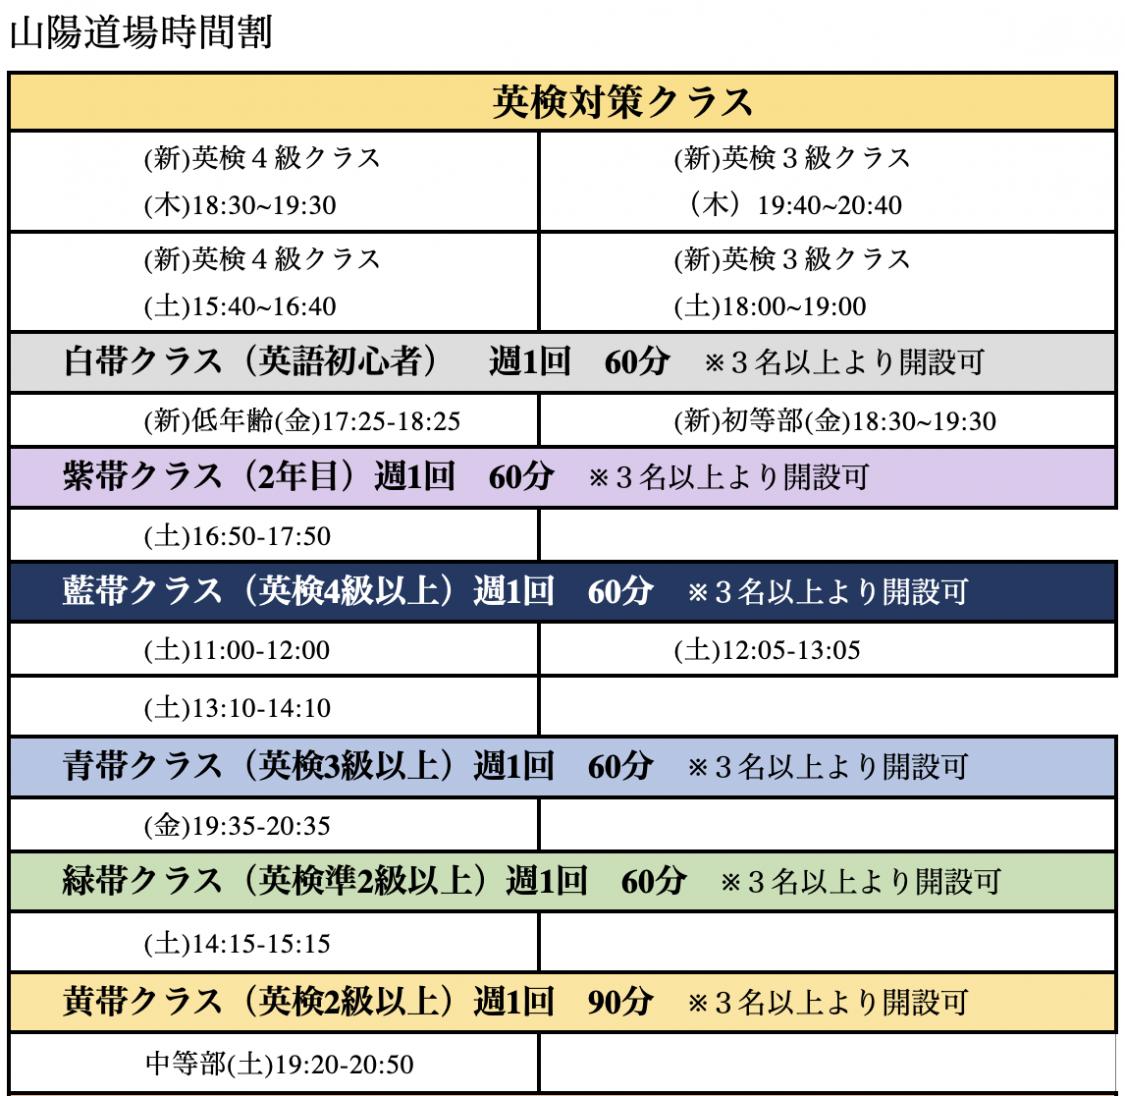 スクリーンショット 2021-02-11 0.30.02